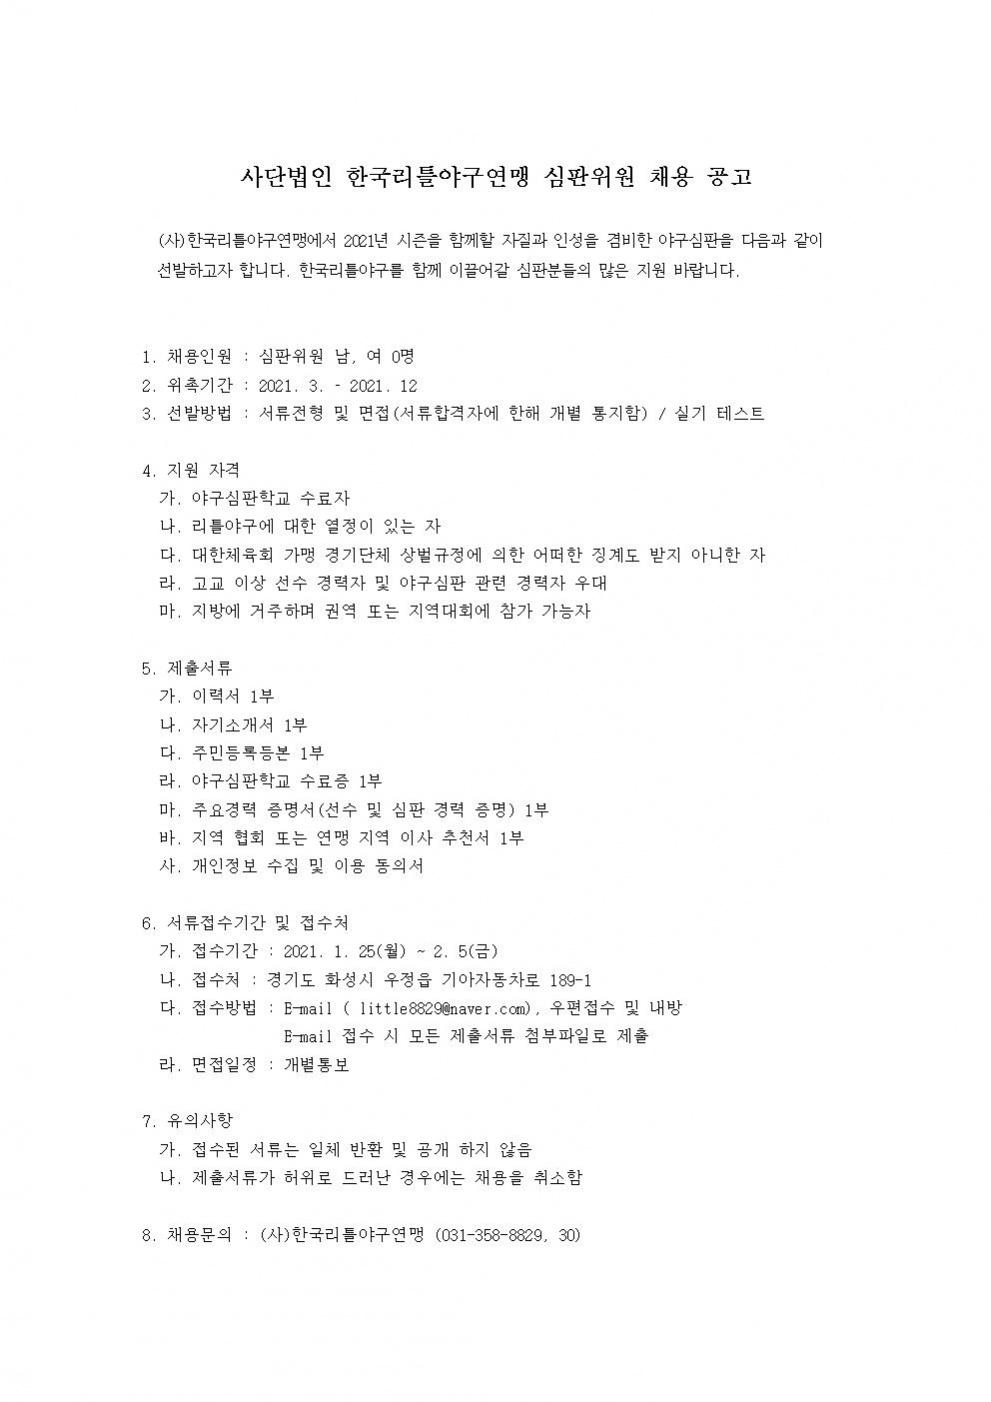 2021 한국리틀야구연맹 심판위원 채용 공고001.jpg